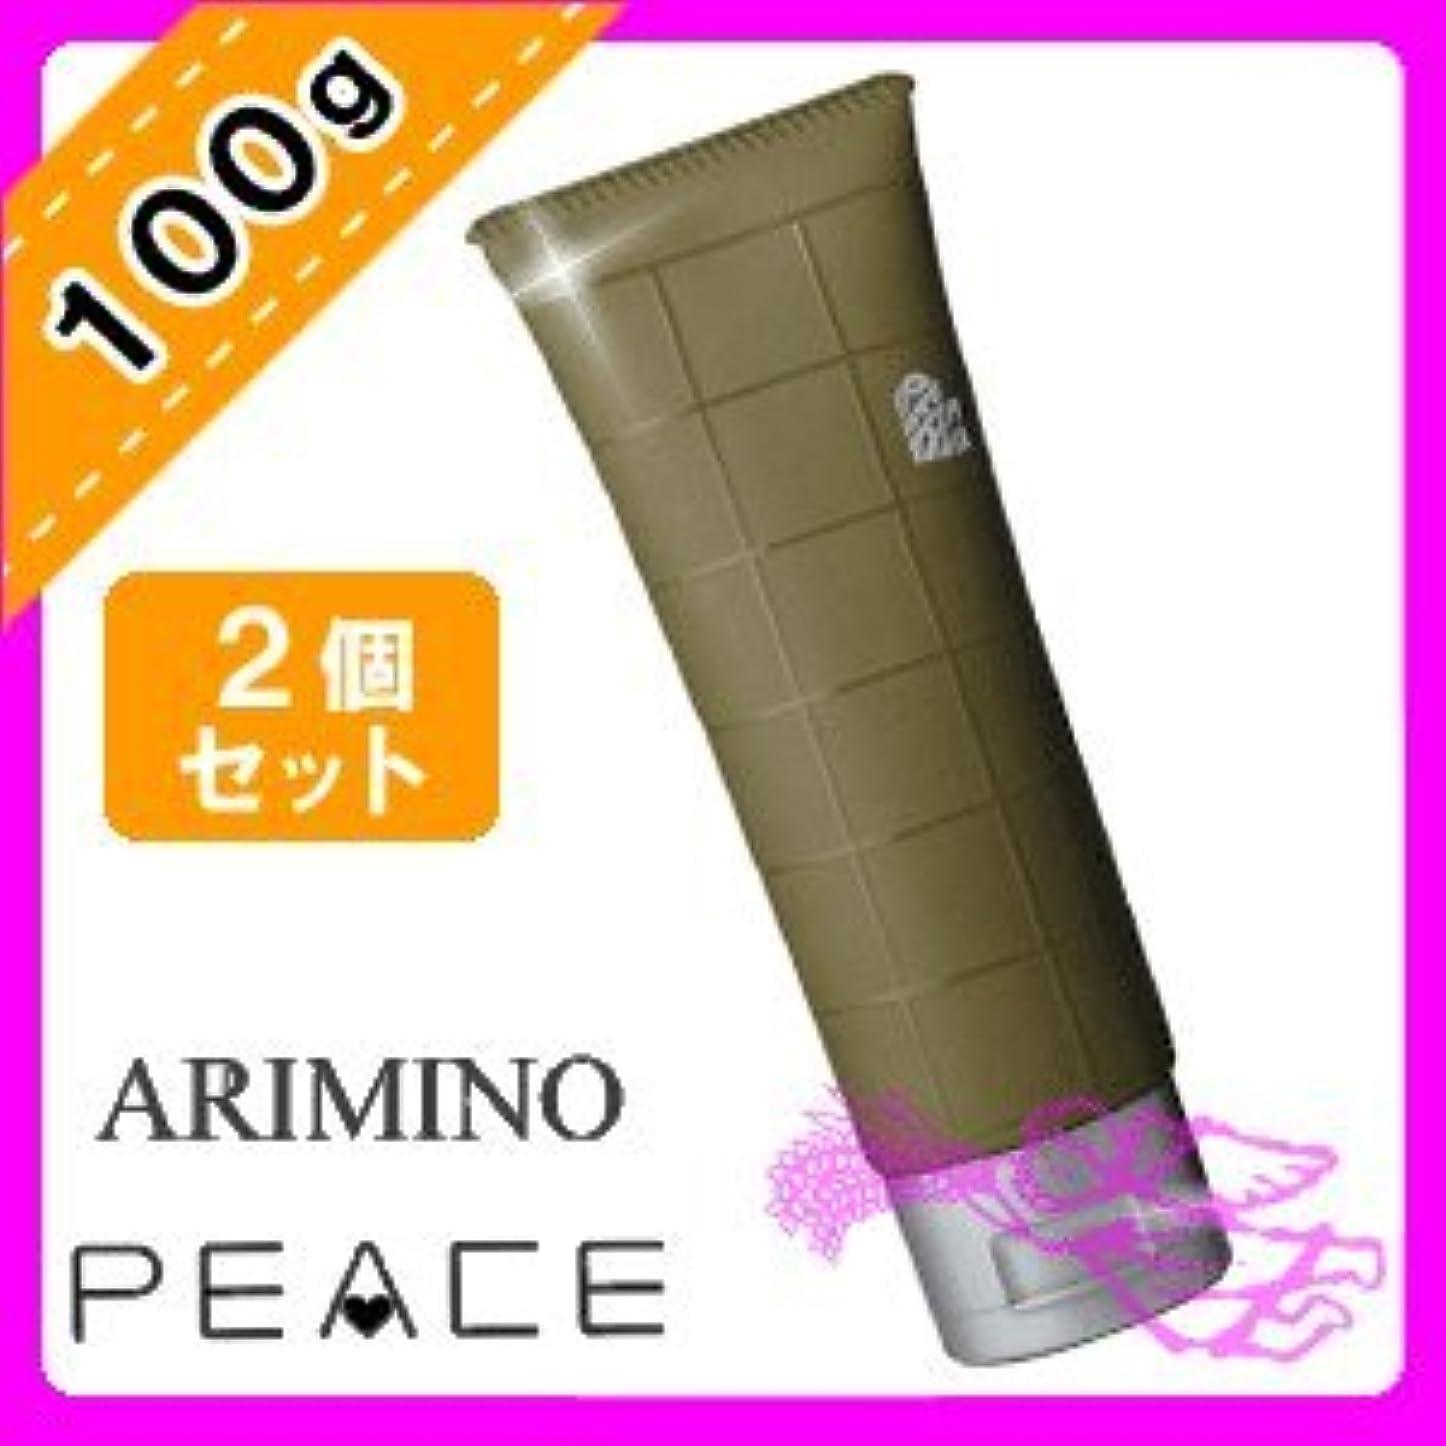 区画支配的対アリミノ ピース ウェットオイル ワックス 100g ×2個セット arimino PEACE